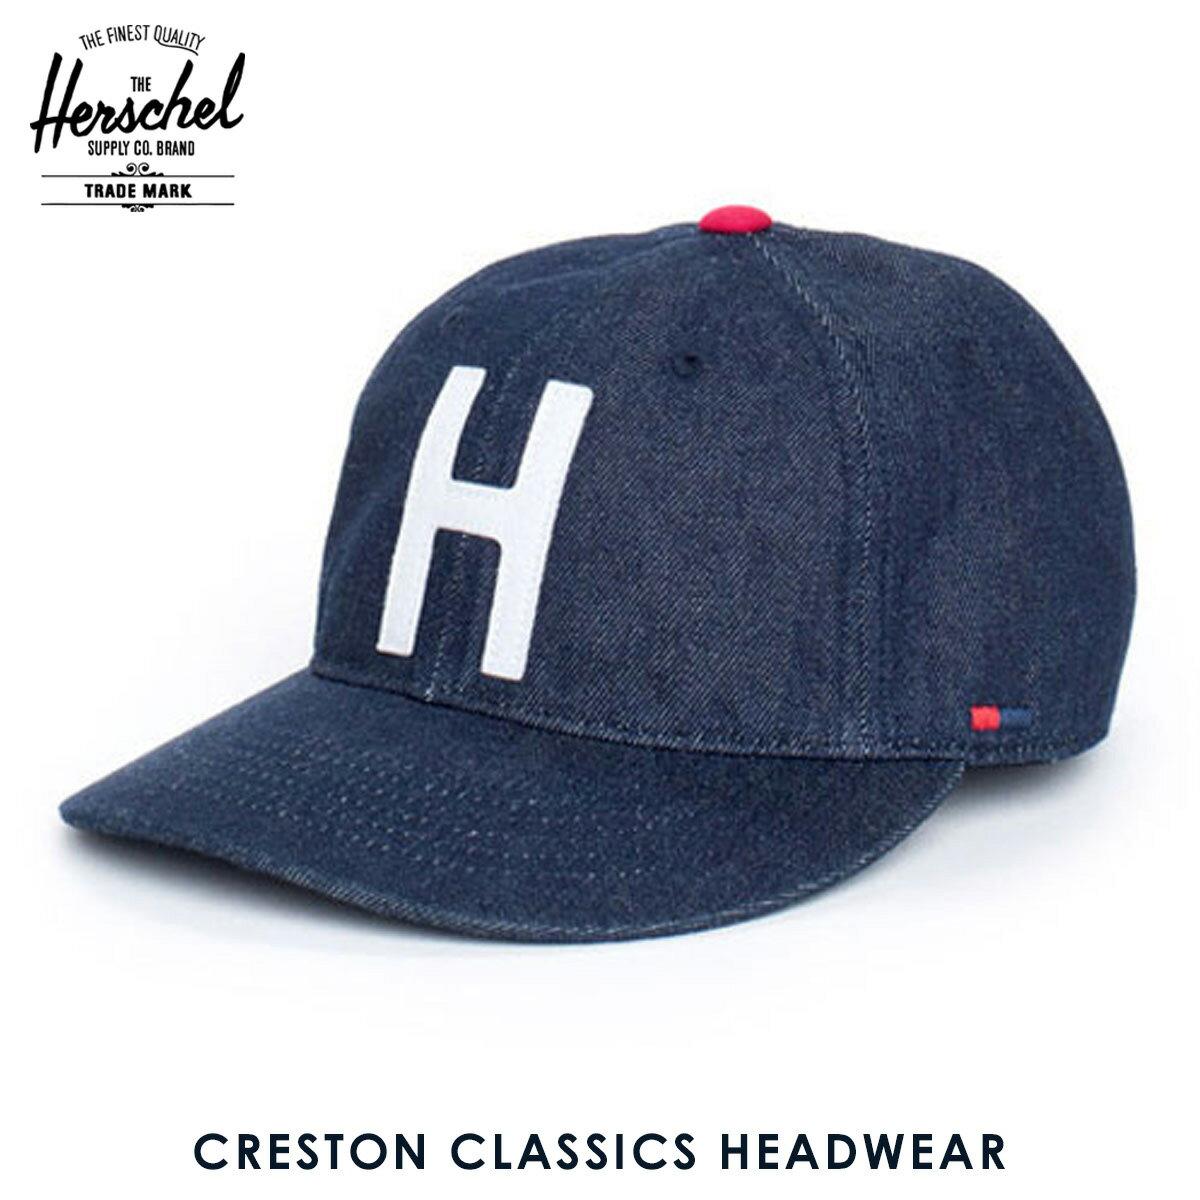 ハーシェル サプライ Herschel Supply 正規販売店 キャップ Creston M/L Classics Headwear 1023-0031-ML Selvedge Denim